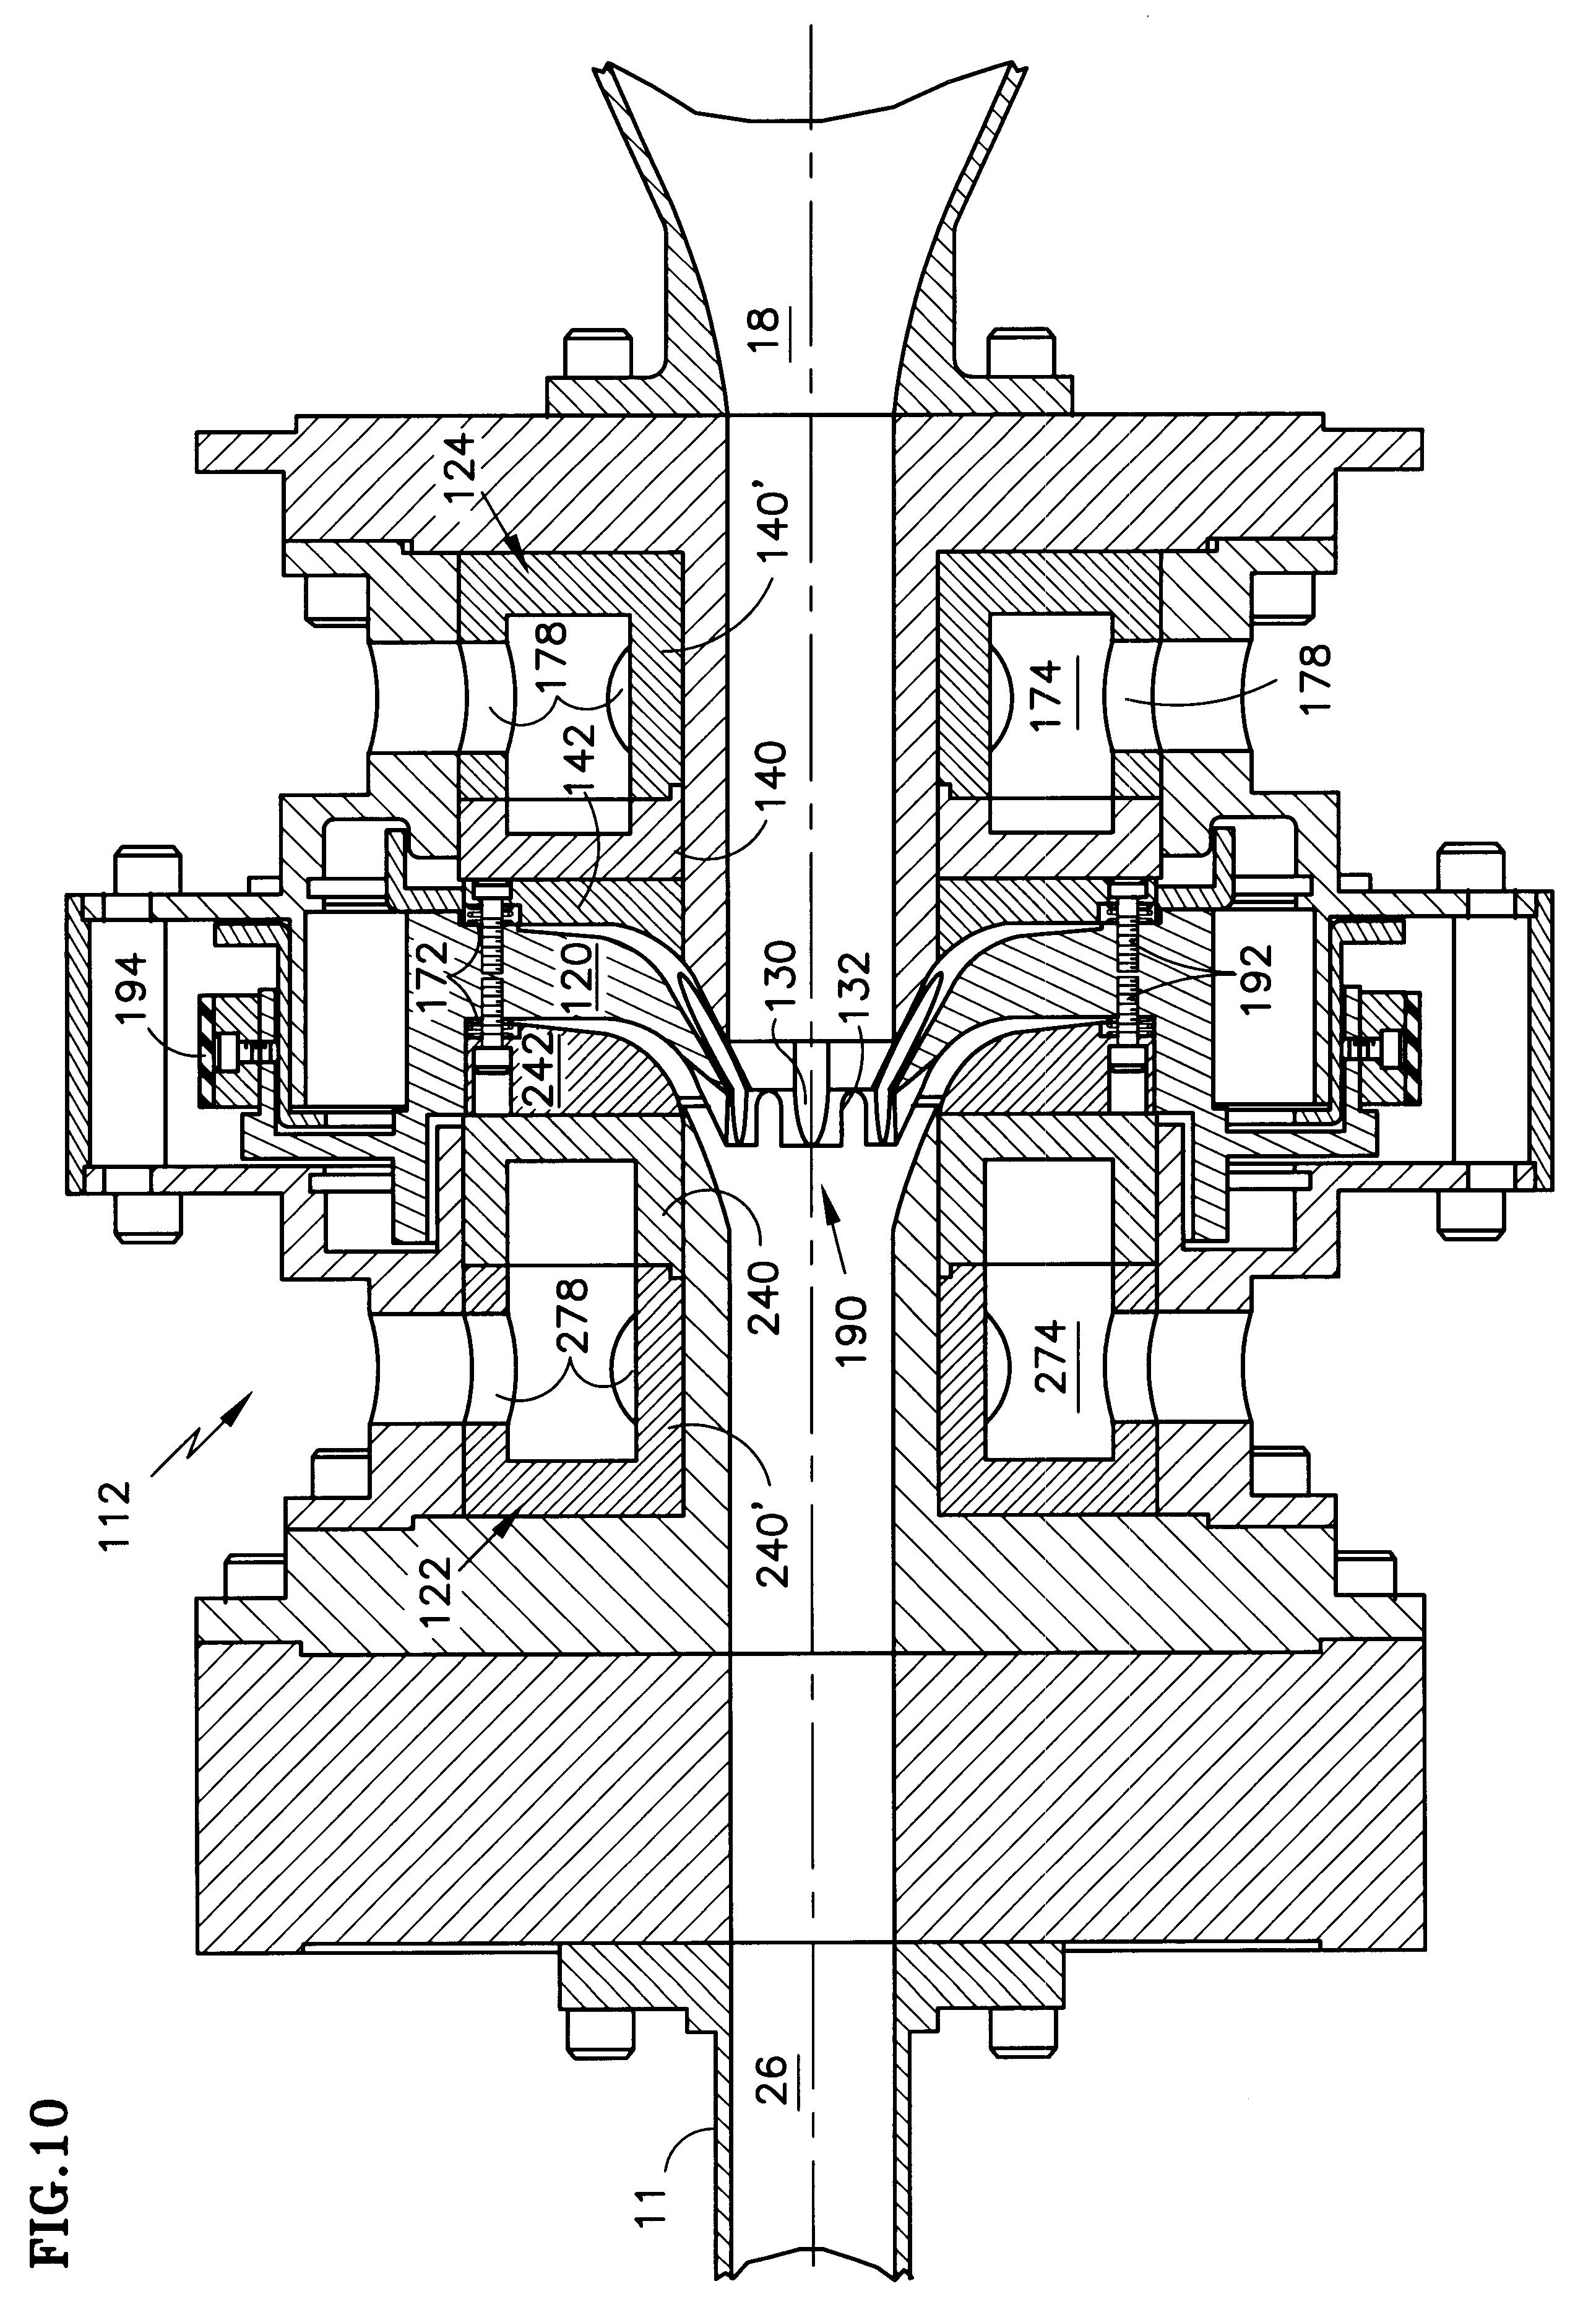 Nissan S B30 Wiring Diagram - Wiring Diagram And Schematics on